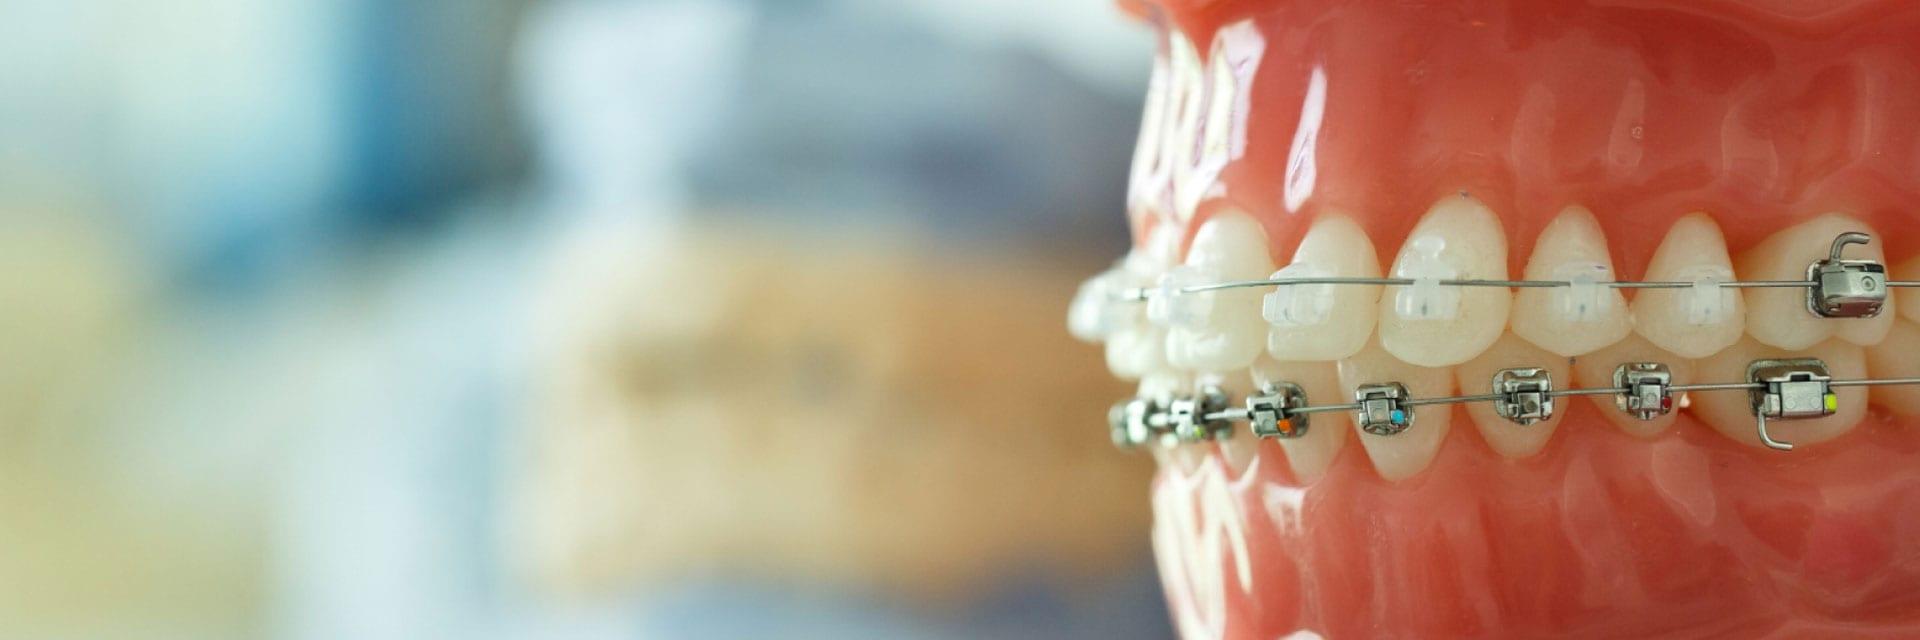 Myths About Braces Explained